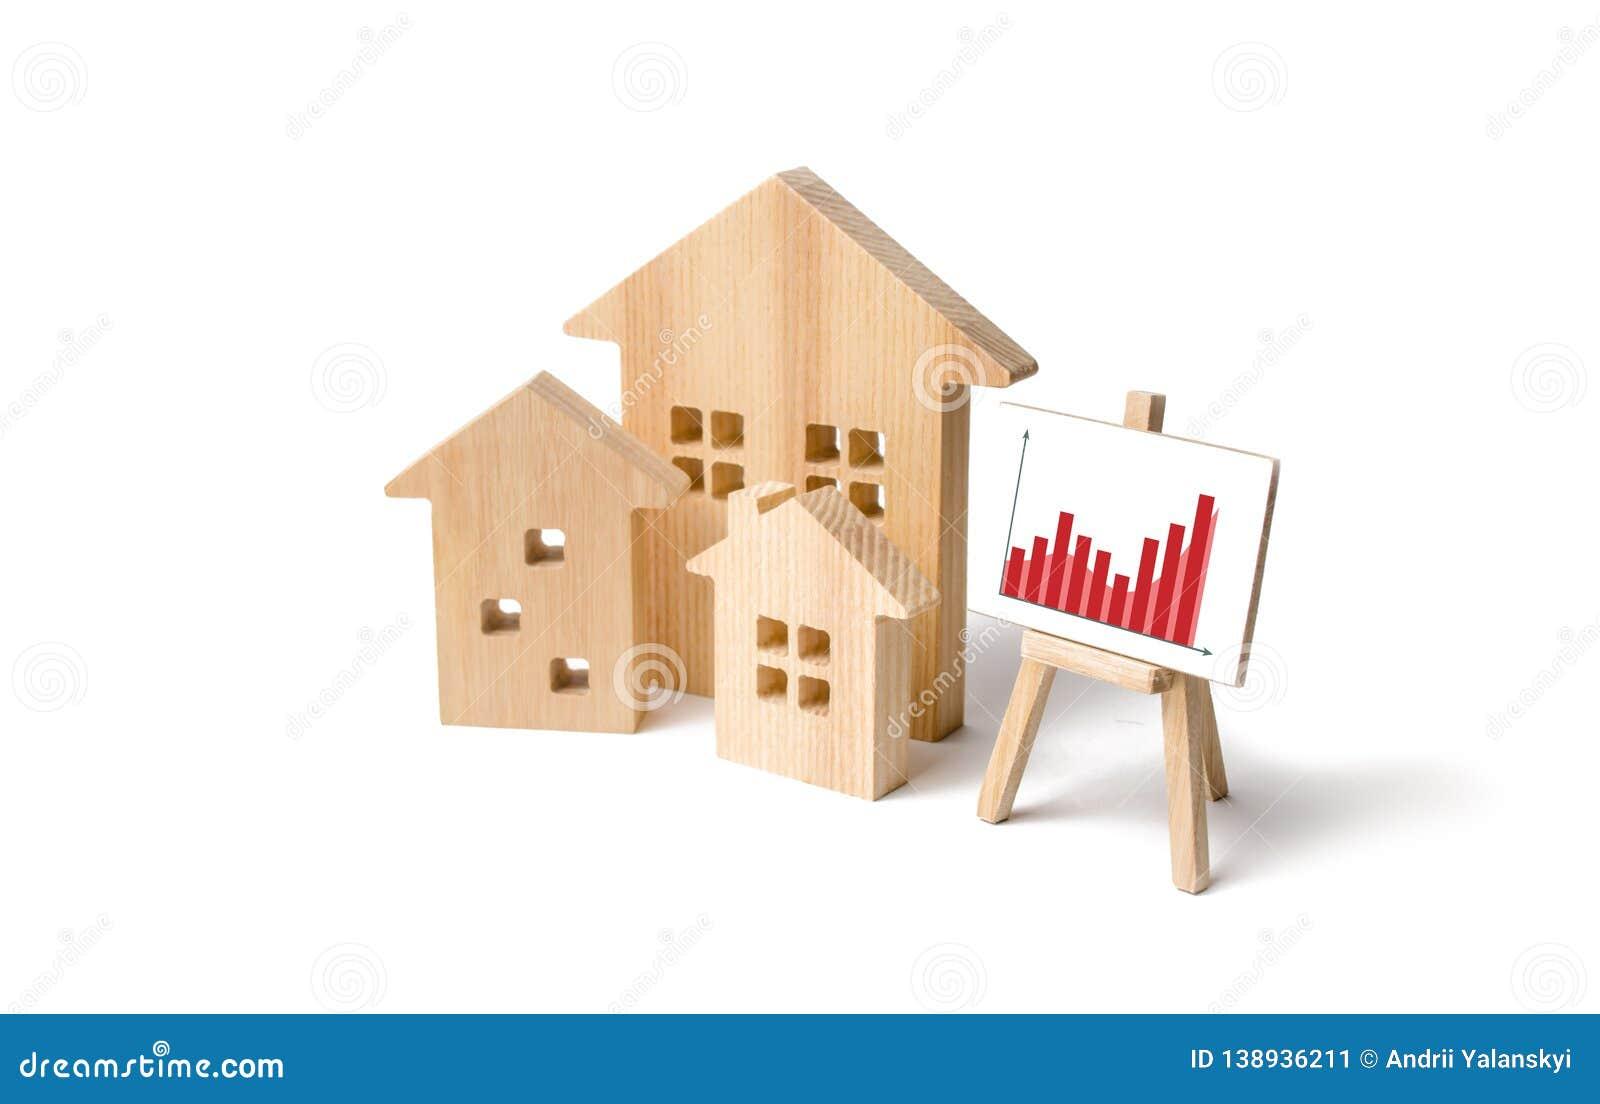 Case di legno con un supporto dei grafici e delle informazioni Domanda crescente dell abitazione e del bene immobile Crescita del